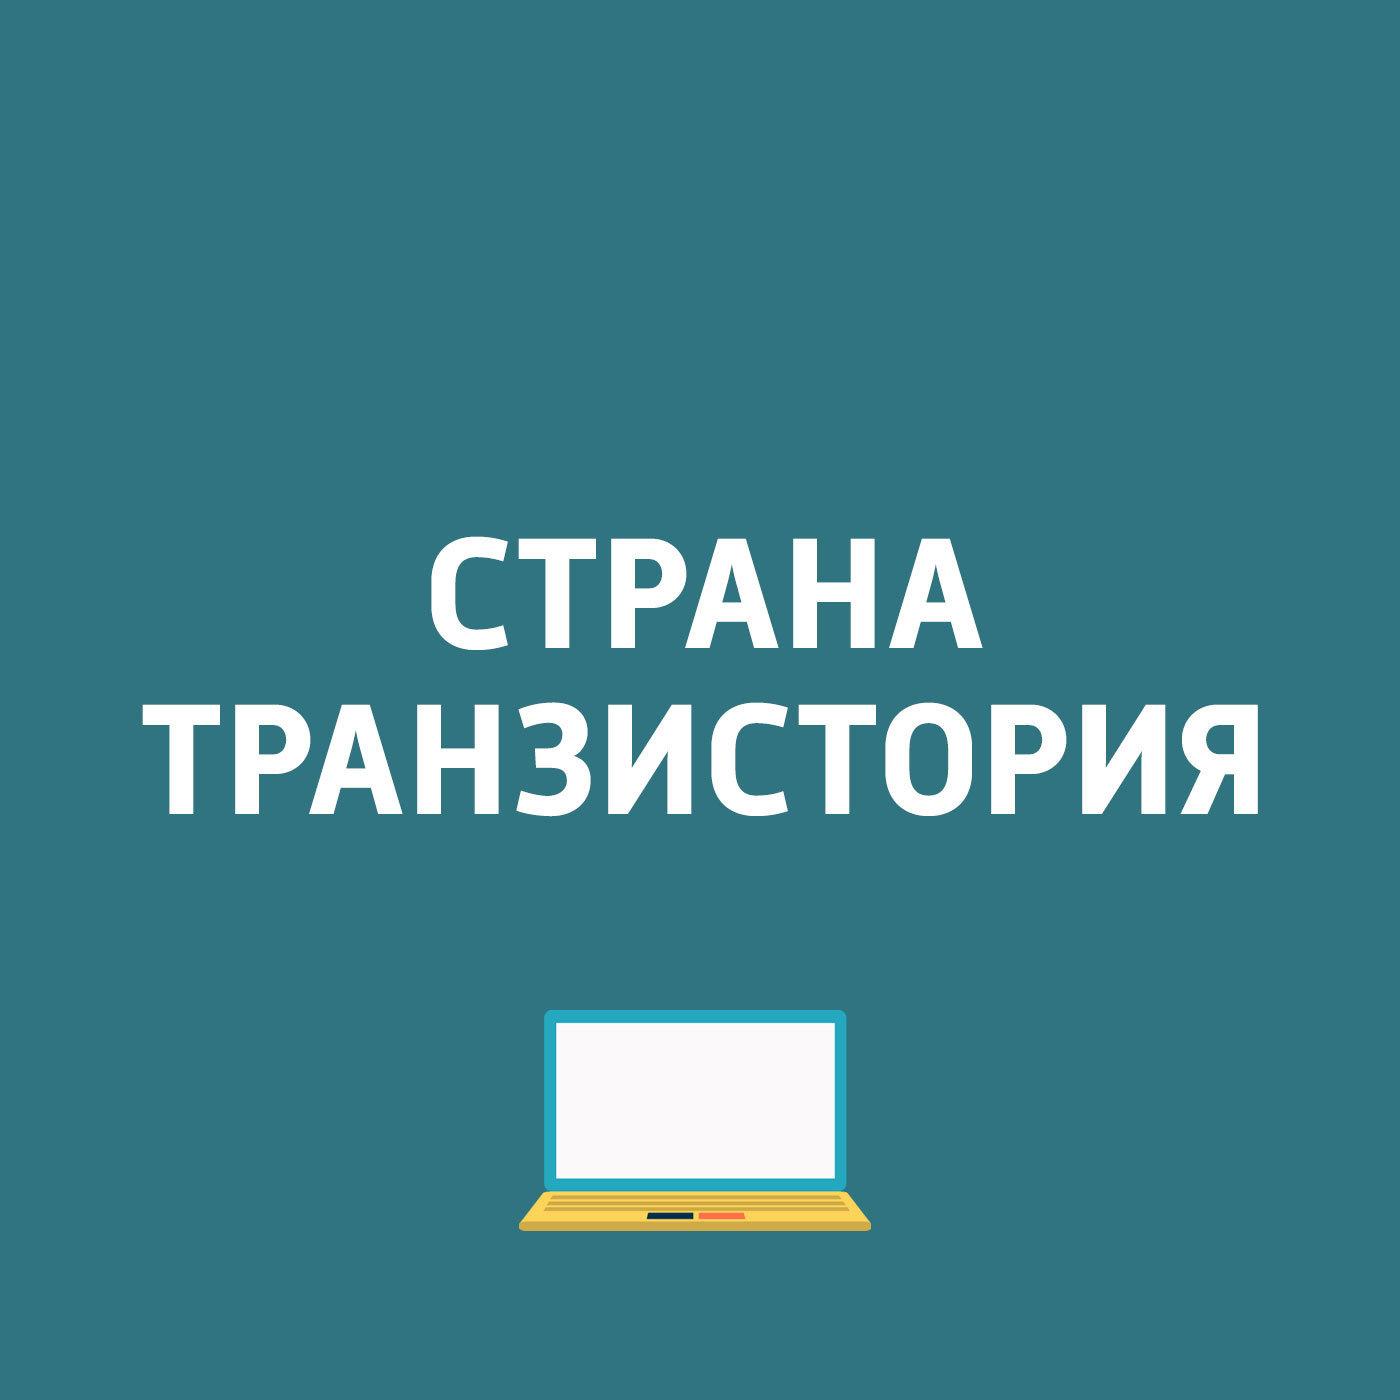 Картаев Павел Начало продаж Nokia 8110 4G; ASUS представила новые игровые ноутбуки; Apple анонсировала iOS 12 blackberry смартфон blackberry keyone silver серебристый